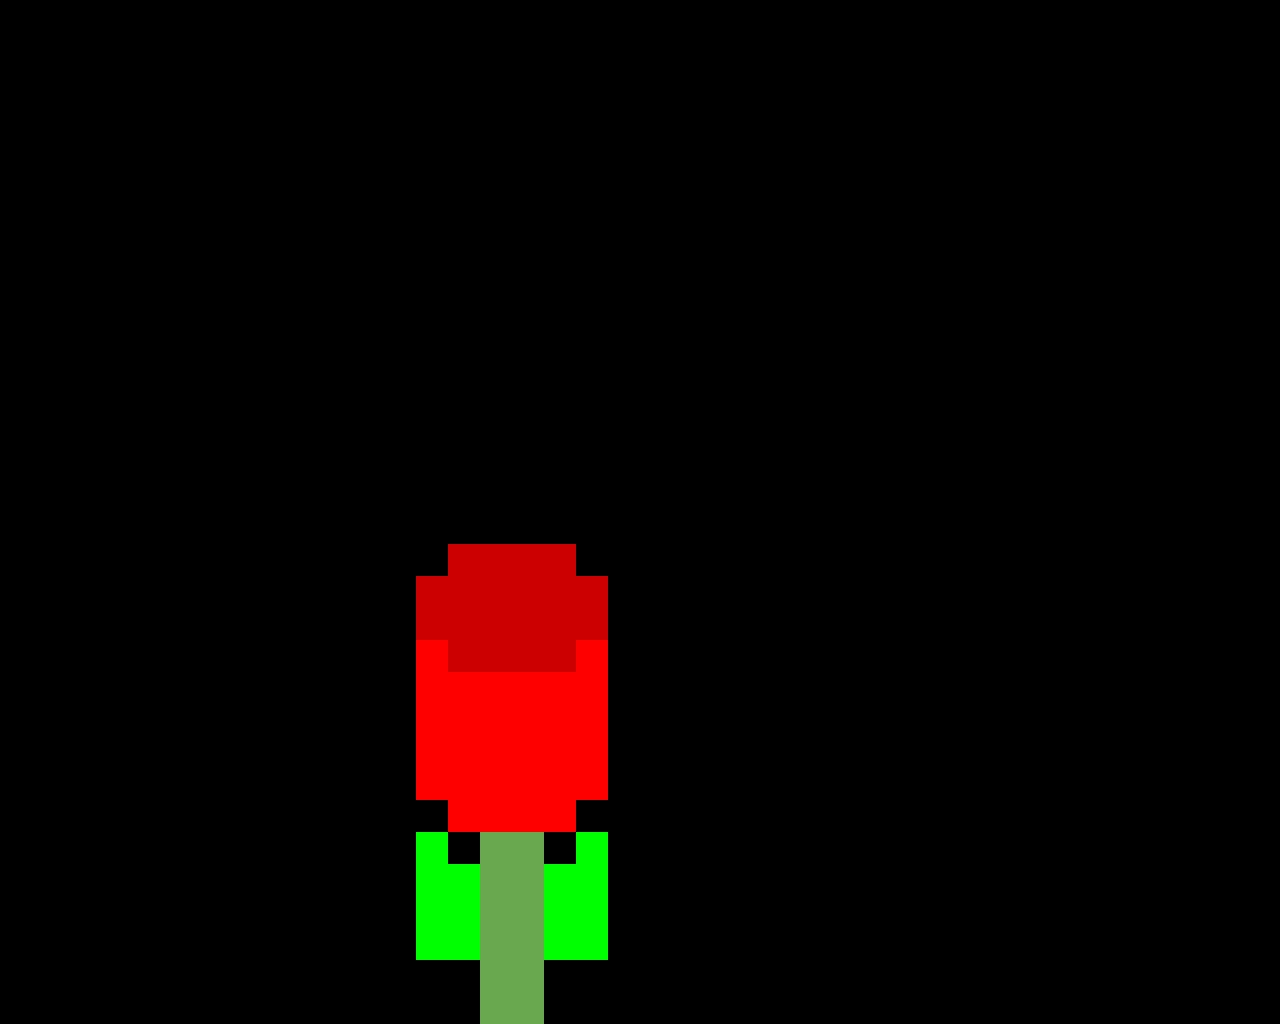 rose (the flower)